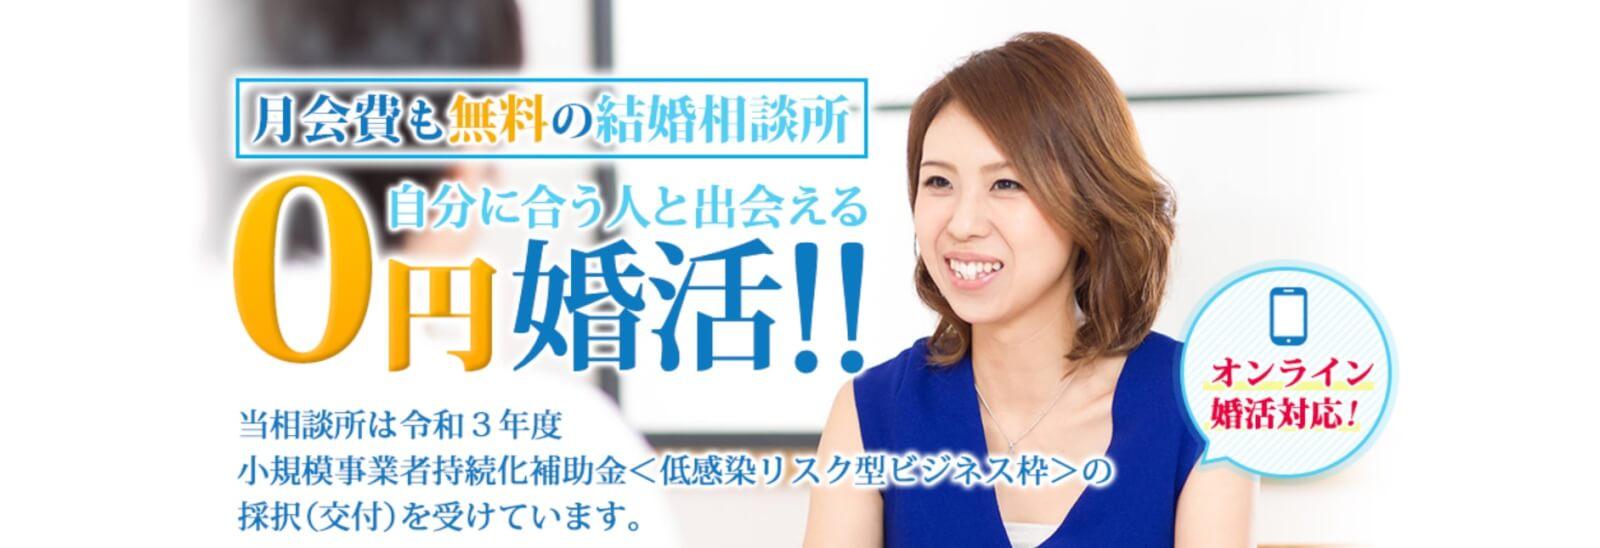 12位 結マダカナ婚相談所マダカナ